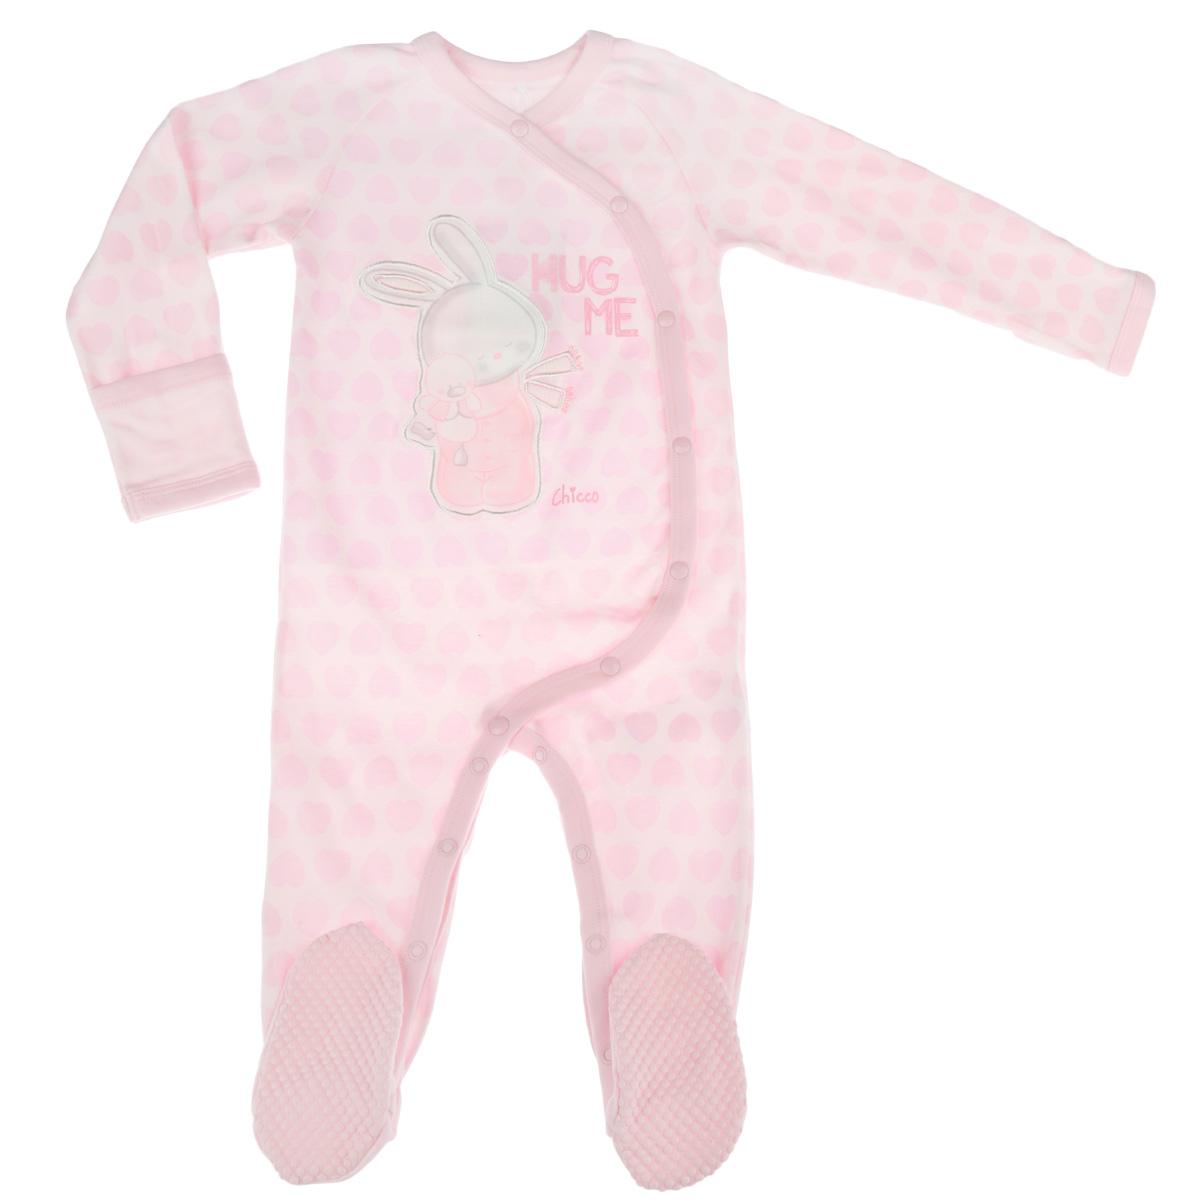 Комбинезон детский. 9020734090207340Очаровательный детский комбинезон Chicco - очень удобный и практичный вид одежды для малышей. Изготовленный из натурального хлопка, он необычайно мягкий и приятный на ощупь, не раздражает нежную кожу ребенка и хорошо вентилируется, а эластичные швы приятны телу ребенка и не препятствуют его движениям. Комбинезон с длинными рукавами, V-образным вырезом горловины и закрытыми ножками застегивается спереди на металлические кнопки по левому боку, также имеются кнопки на ластовице, что помогает с легкостью переодеть ребенка или сменить подгузник. Рукава дополнены специальными отворотами. Пяточки присборены на тонкие эластичные резинки. На стопах имеется прорезиненный рисунок, предотвращающий скольжение. Оформлен комбинезон ненавязчивым принтом по всей поверхности, а также очаровательной аппликацией. С этим детским комбинезоном спинка и ножки вашего ребенка всегда будут в тепле. Комбинезон полностью соответствует особенностям жизни младенца в ранний период, не стесняя и не...